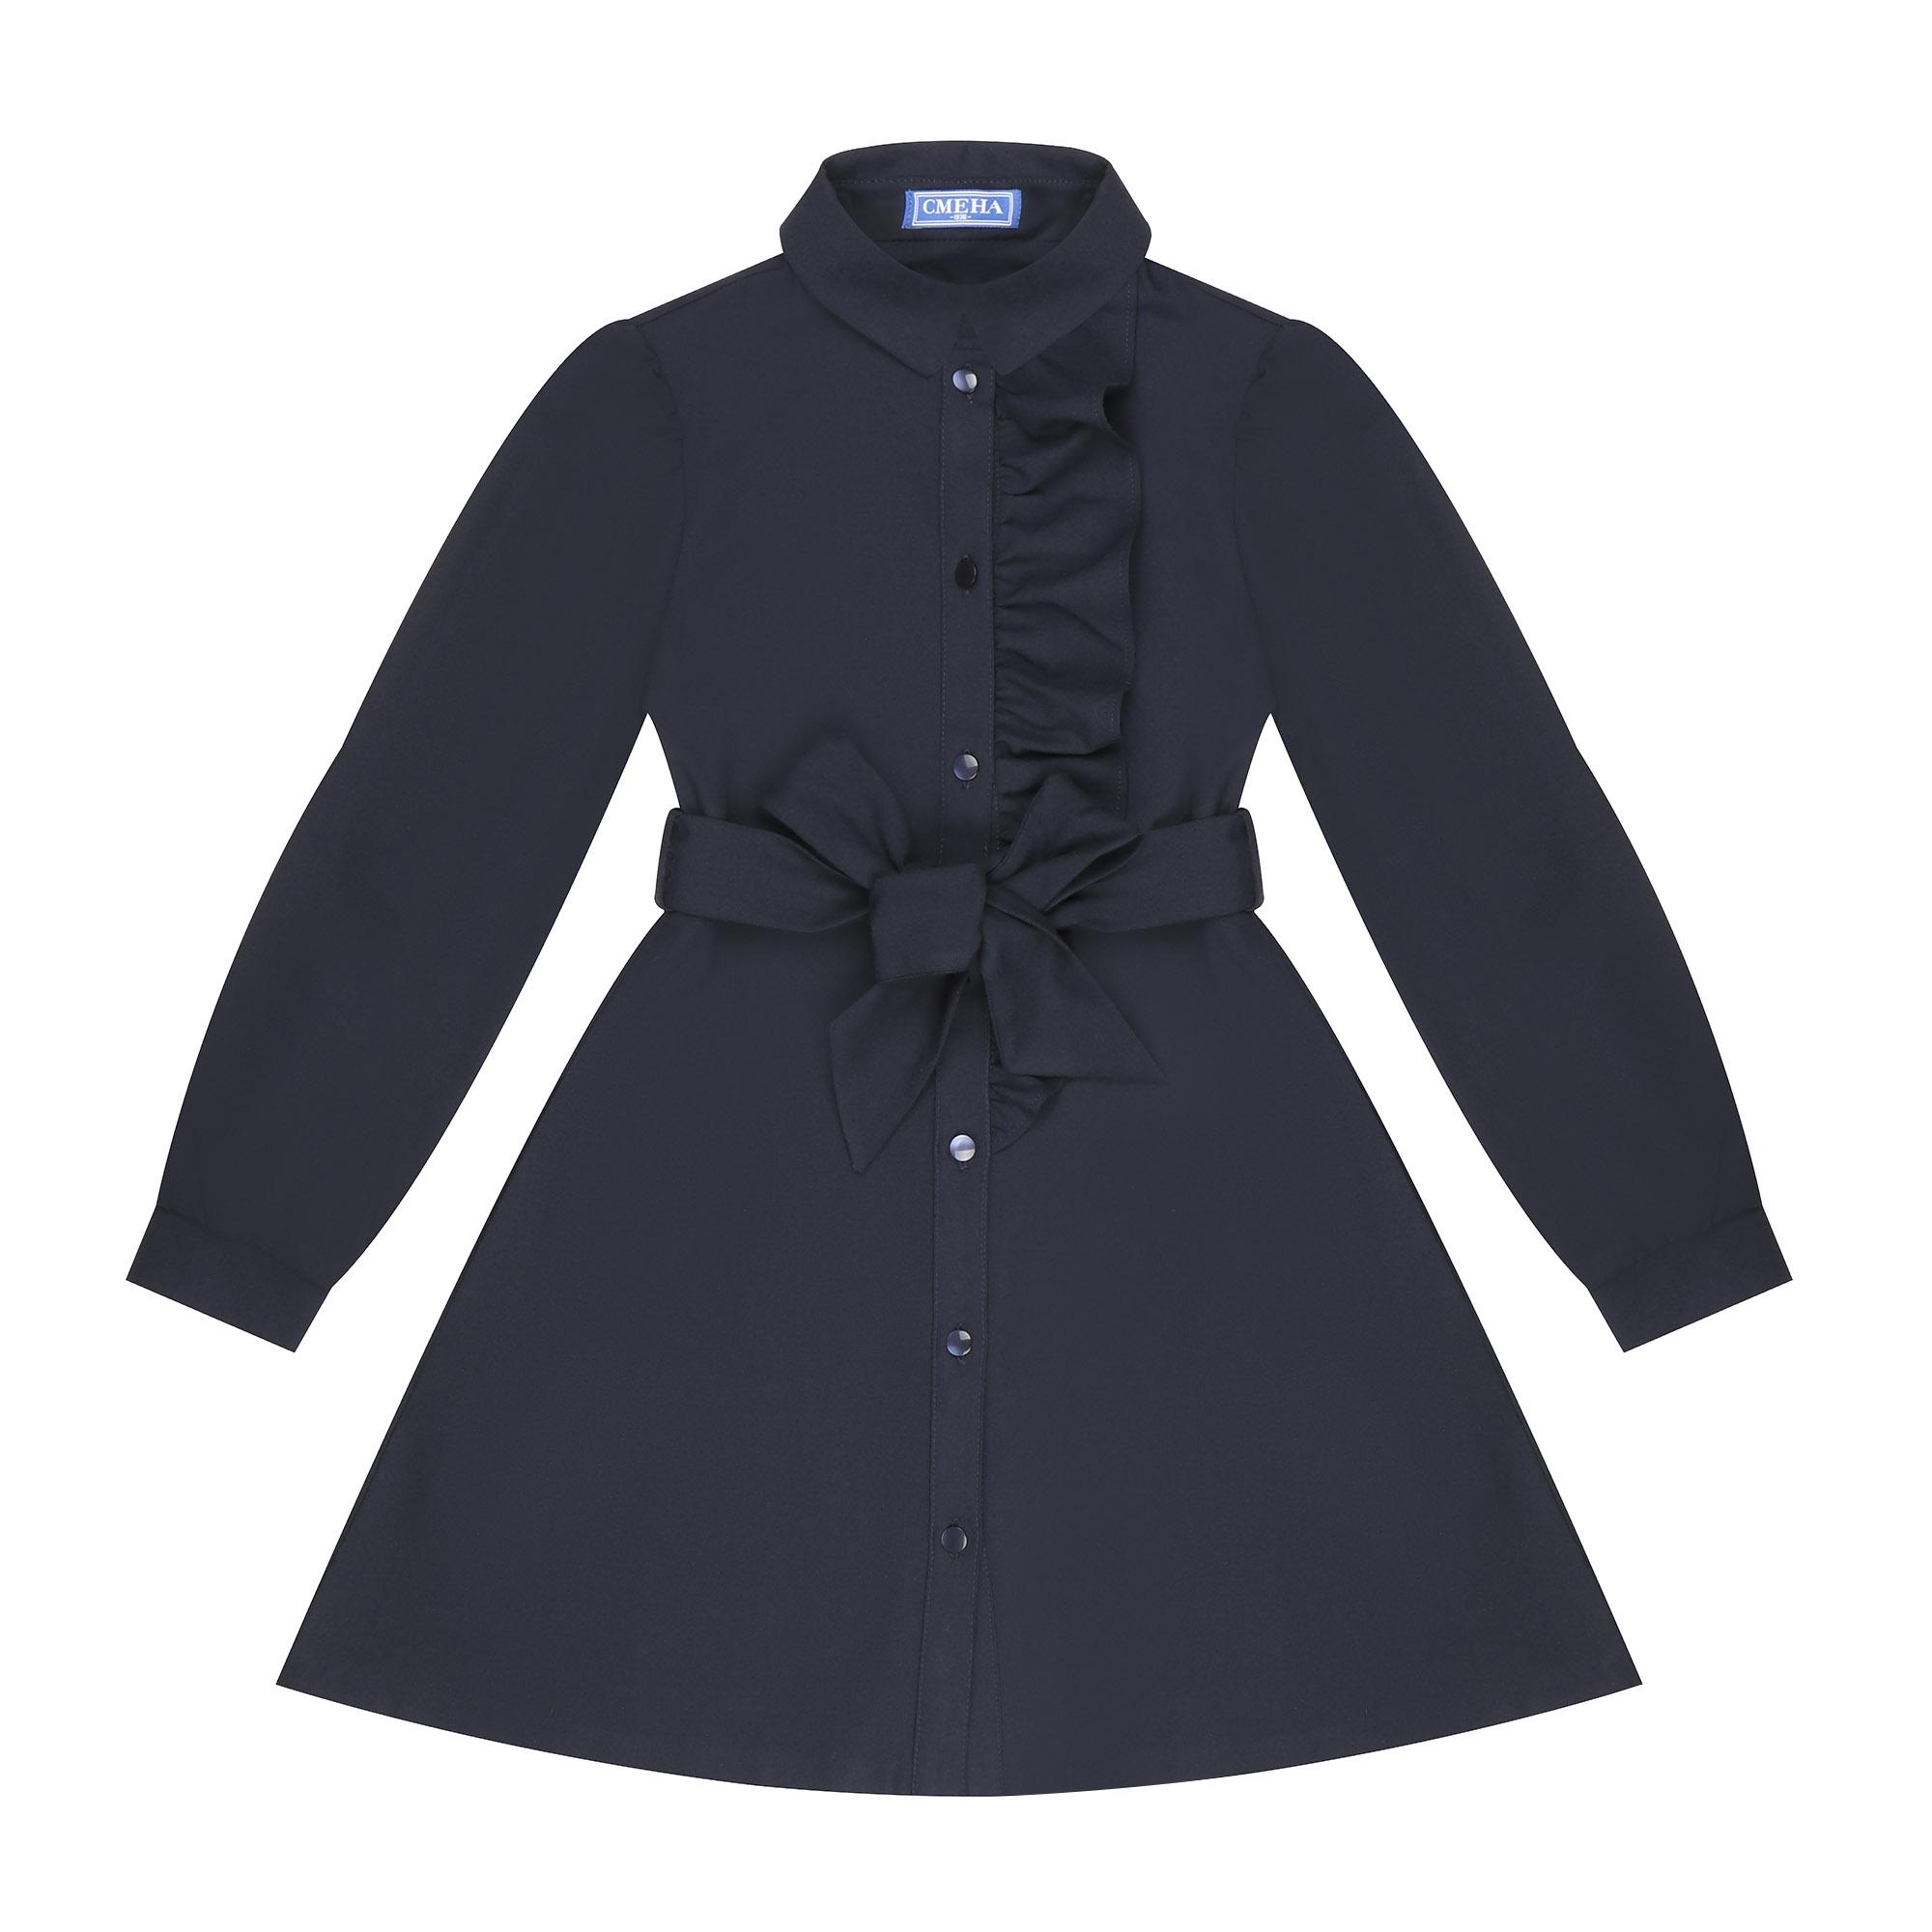 Купить Платье школьное Смена 10004 синее 134/64, Smena/Смена, Синий, Для девочек,